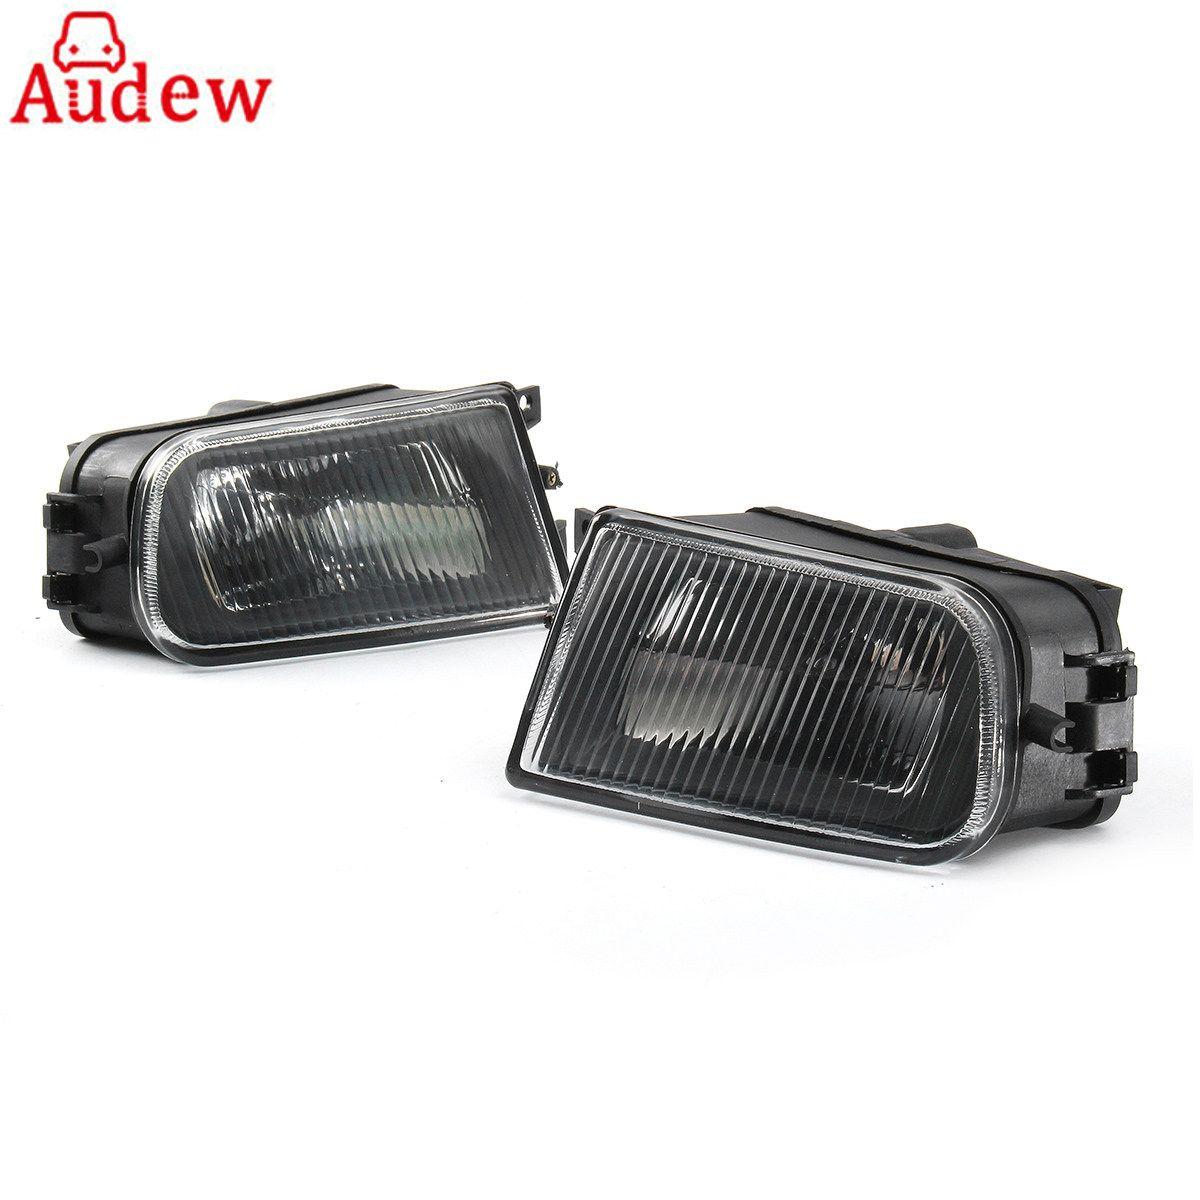 1 Paar Schwarze Auto Nebelscheinwerfer Stoßstange Lampe Gehäuse Links und Rechts für BMW E39 5er 97-00/Z3 97-01